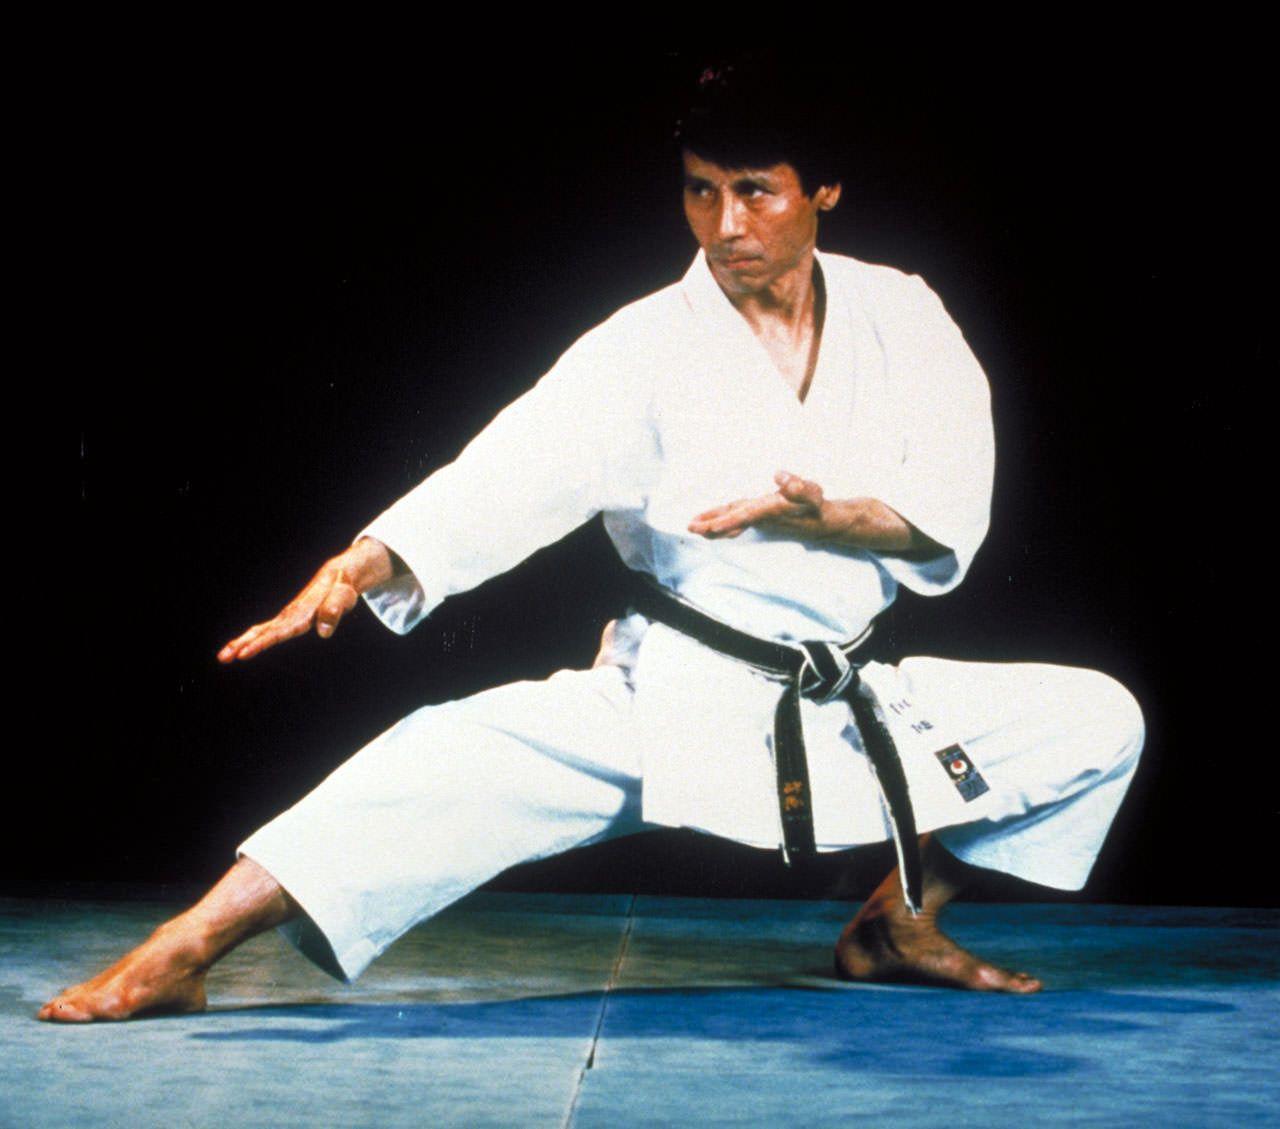 Sensei Masao Kawazoe. Old school. Unbelievable form.